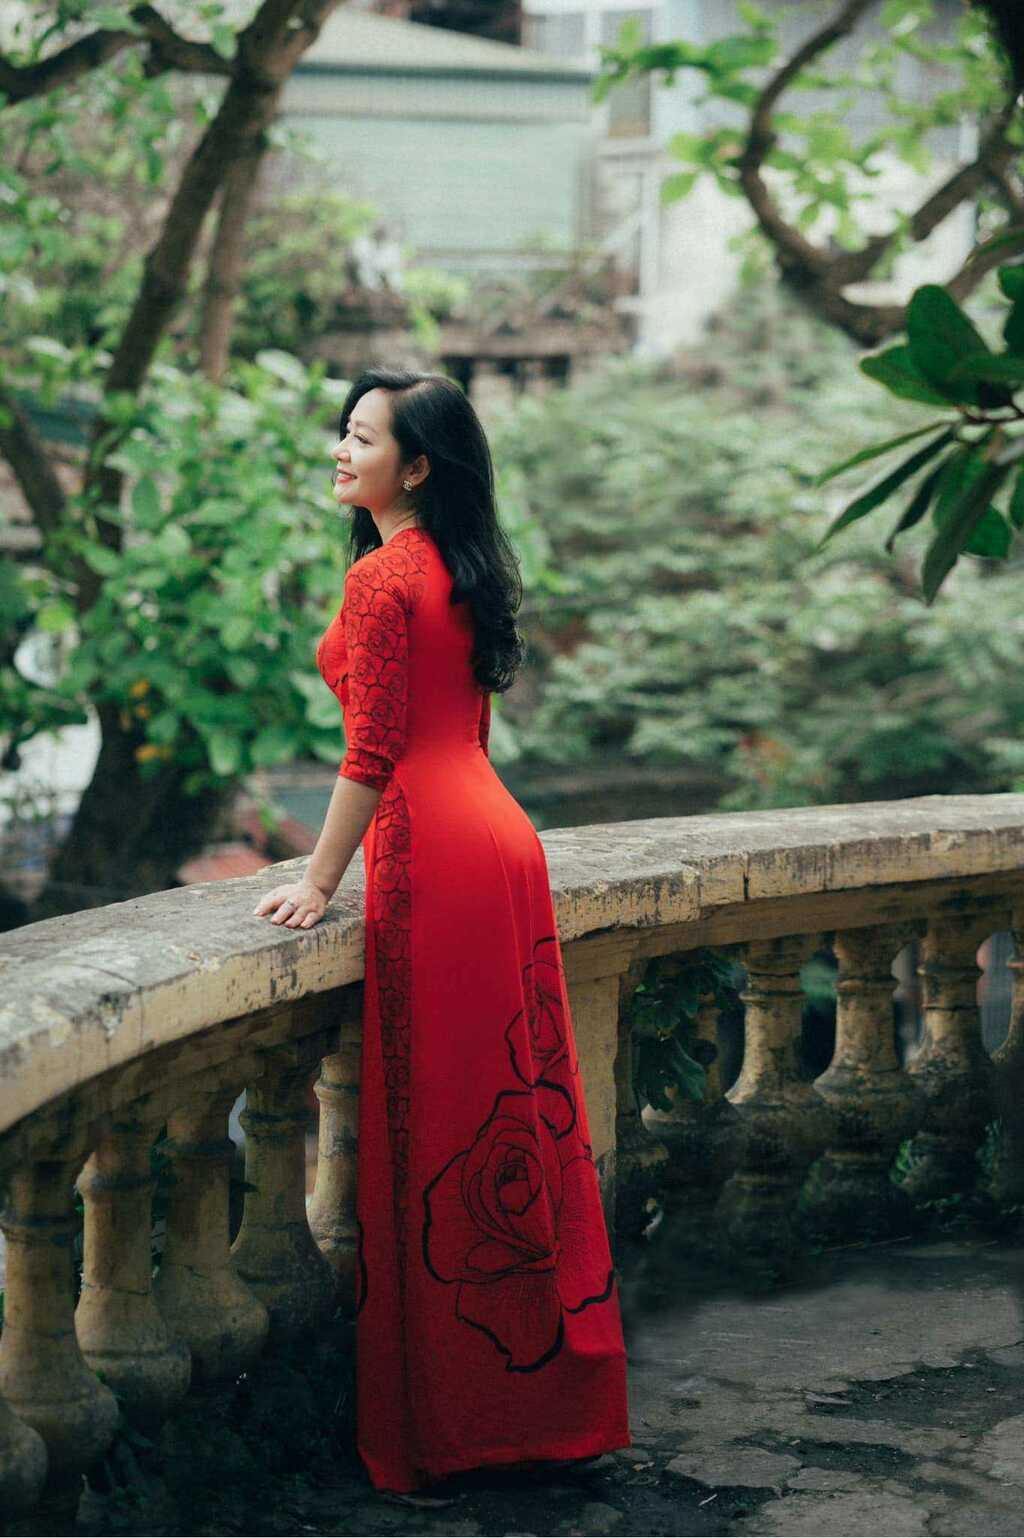 U50 quanh năm mực thước với áo dài vì tôn thờ vẻ đẹp cốt cách người Hà Nội - ảnh 9